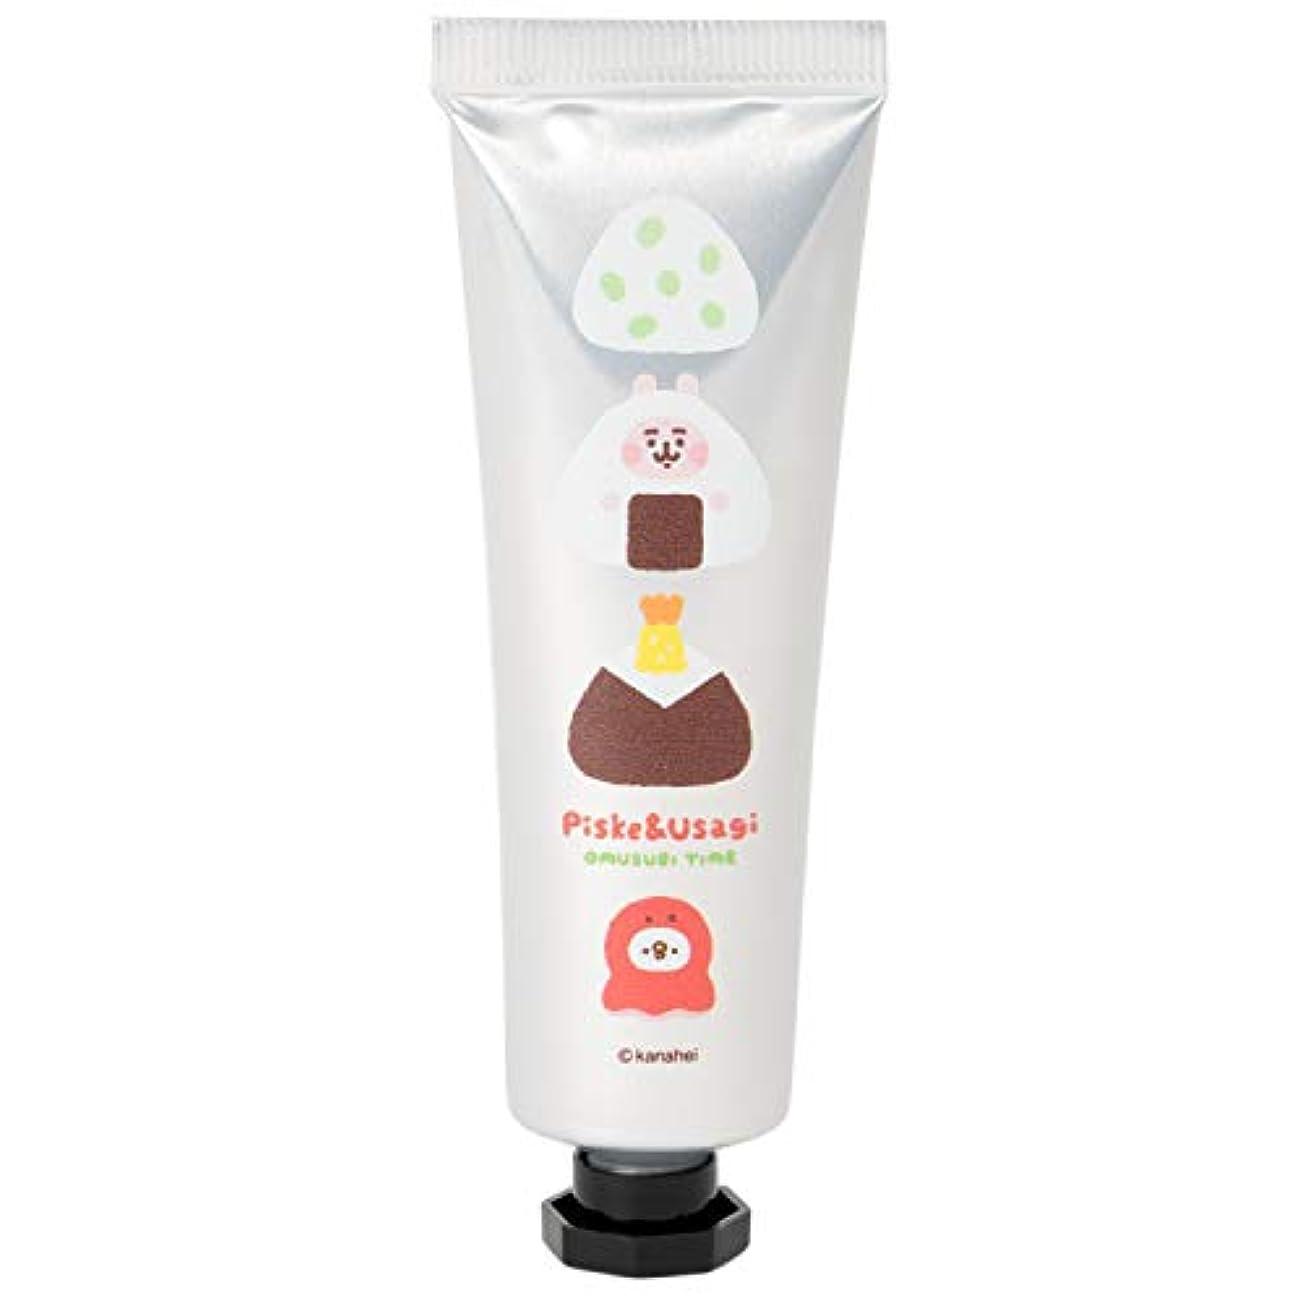 カナヘイの小動物 ピスケ&うさぎ ハンドクリーム 保湿成分配合 グレープフルーツの香り 27g ABD-037-003